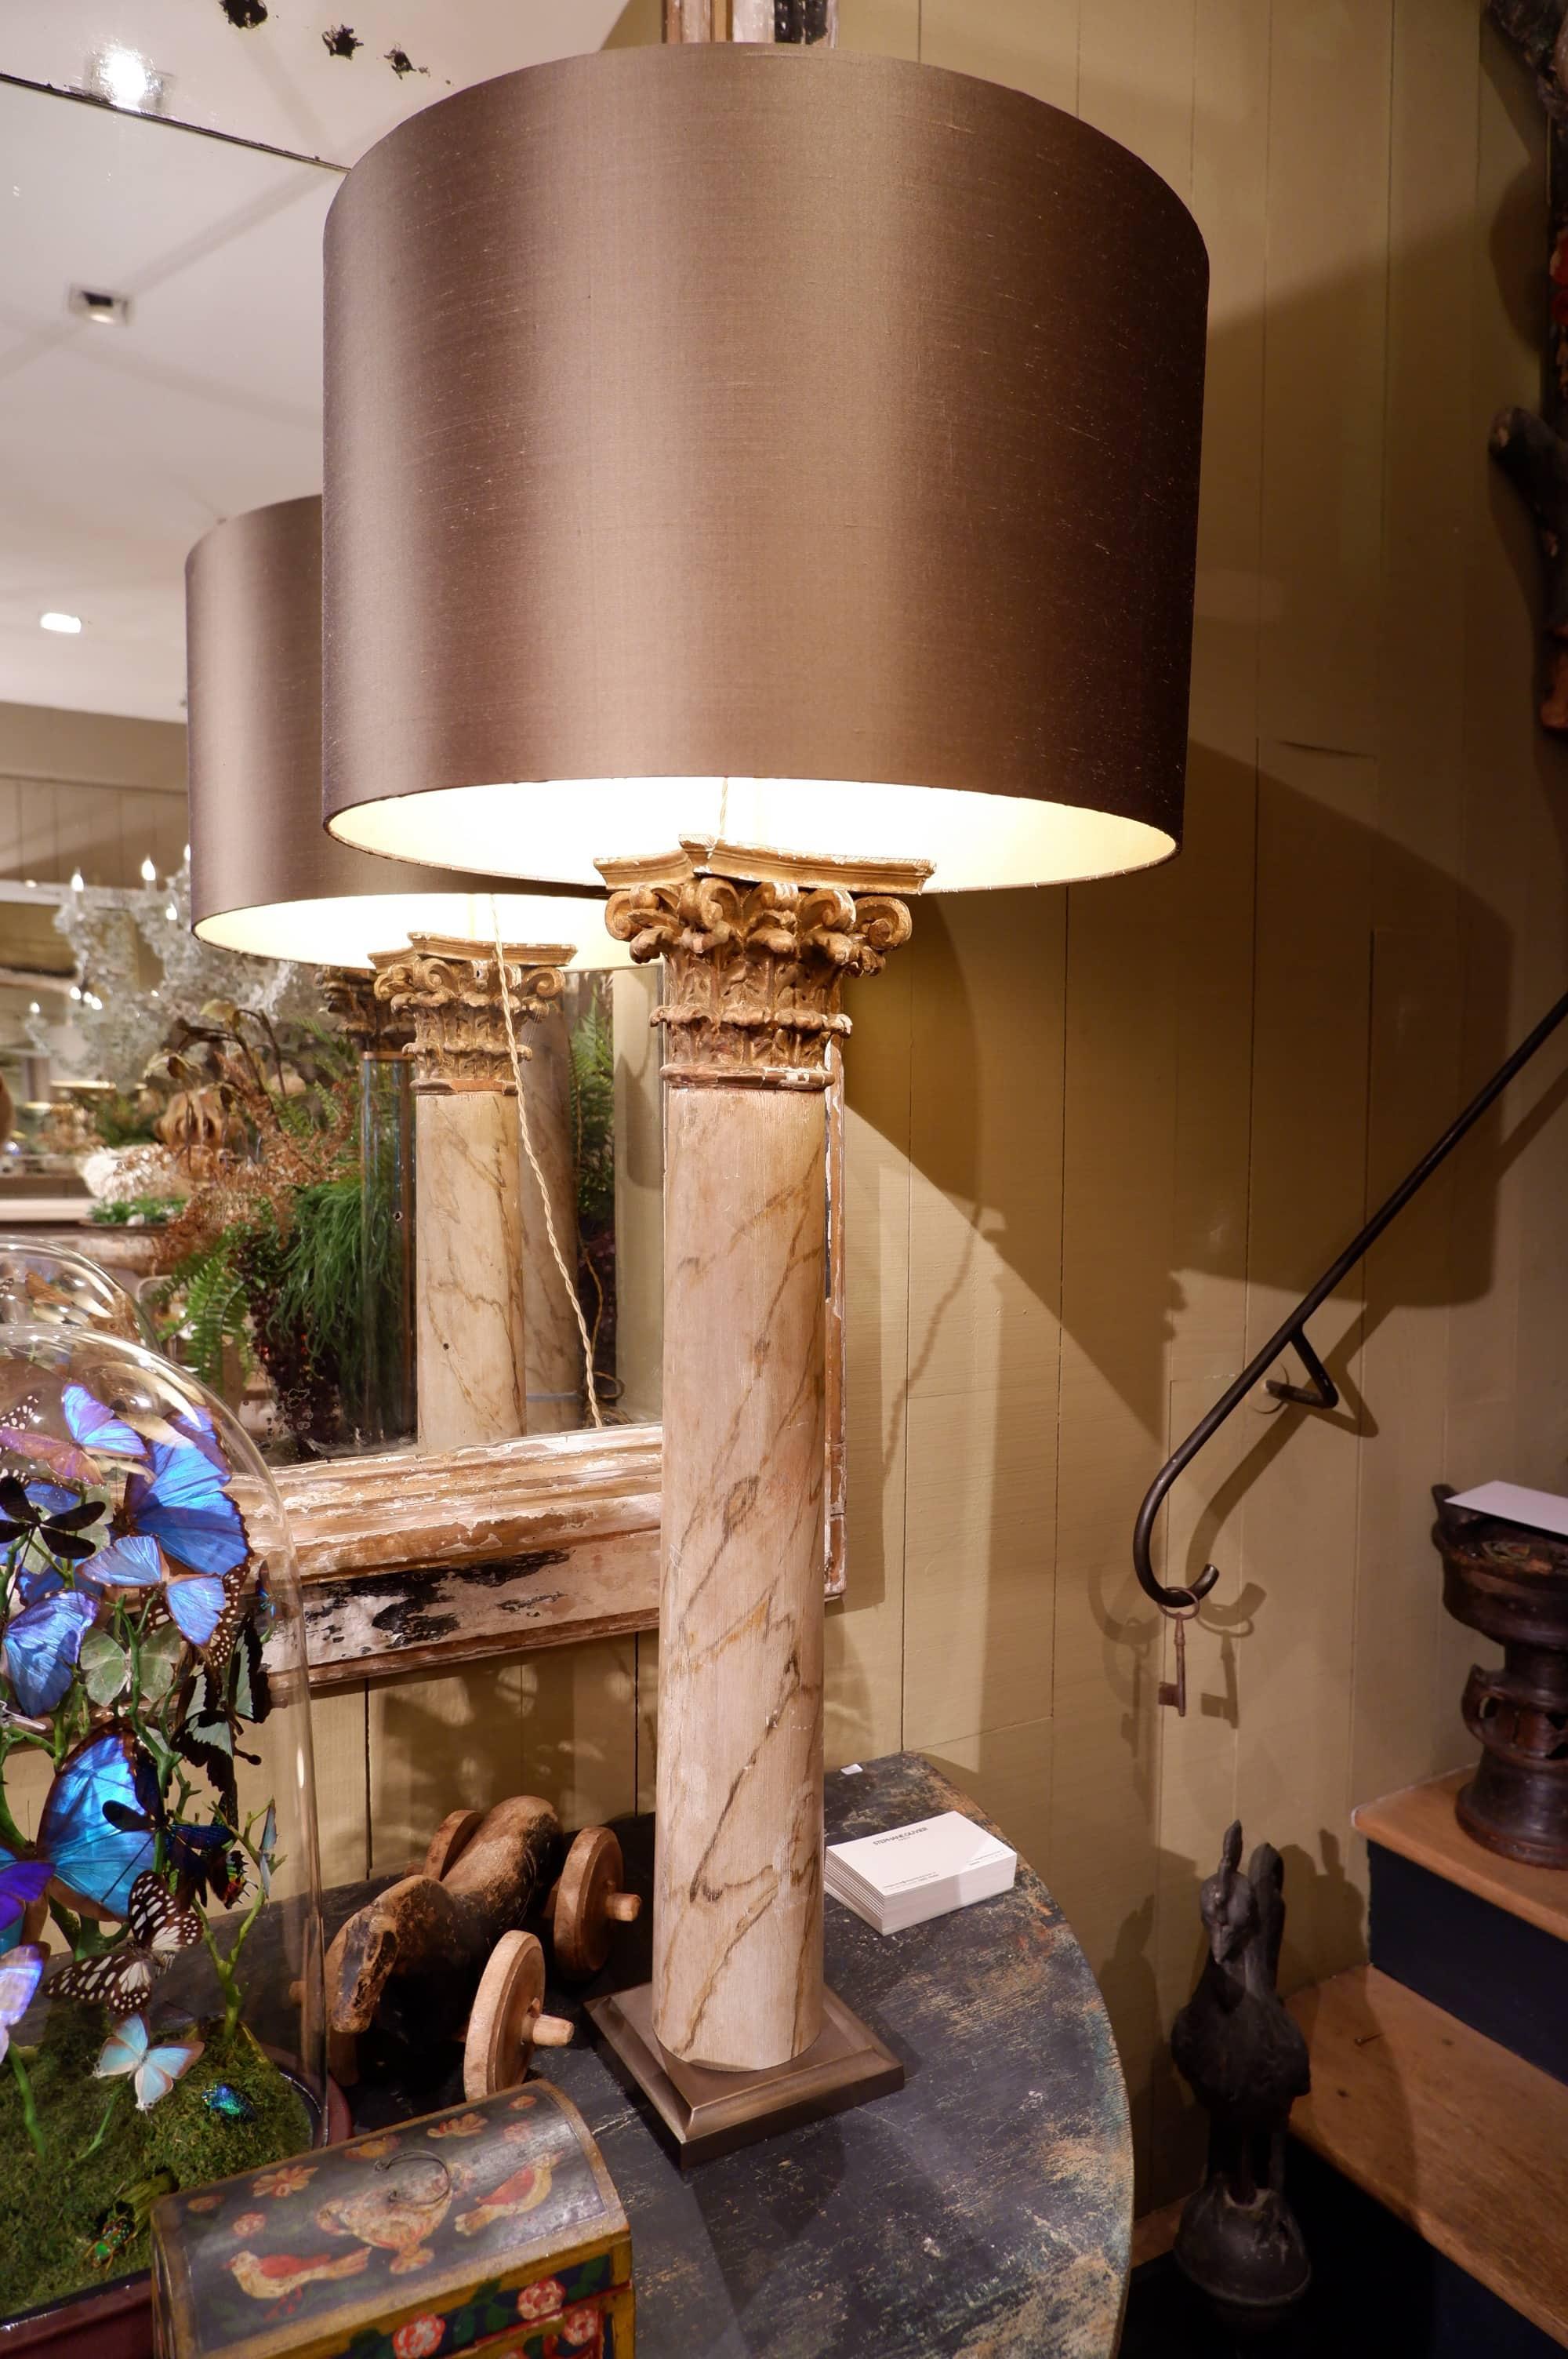 PAIRE DE LAMPES COLONNES FAUX MARBRE ET CHAPITEAUX DORES + AJ SOIE BRONZE